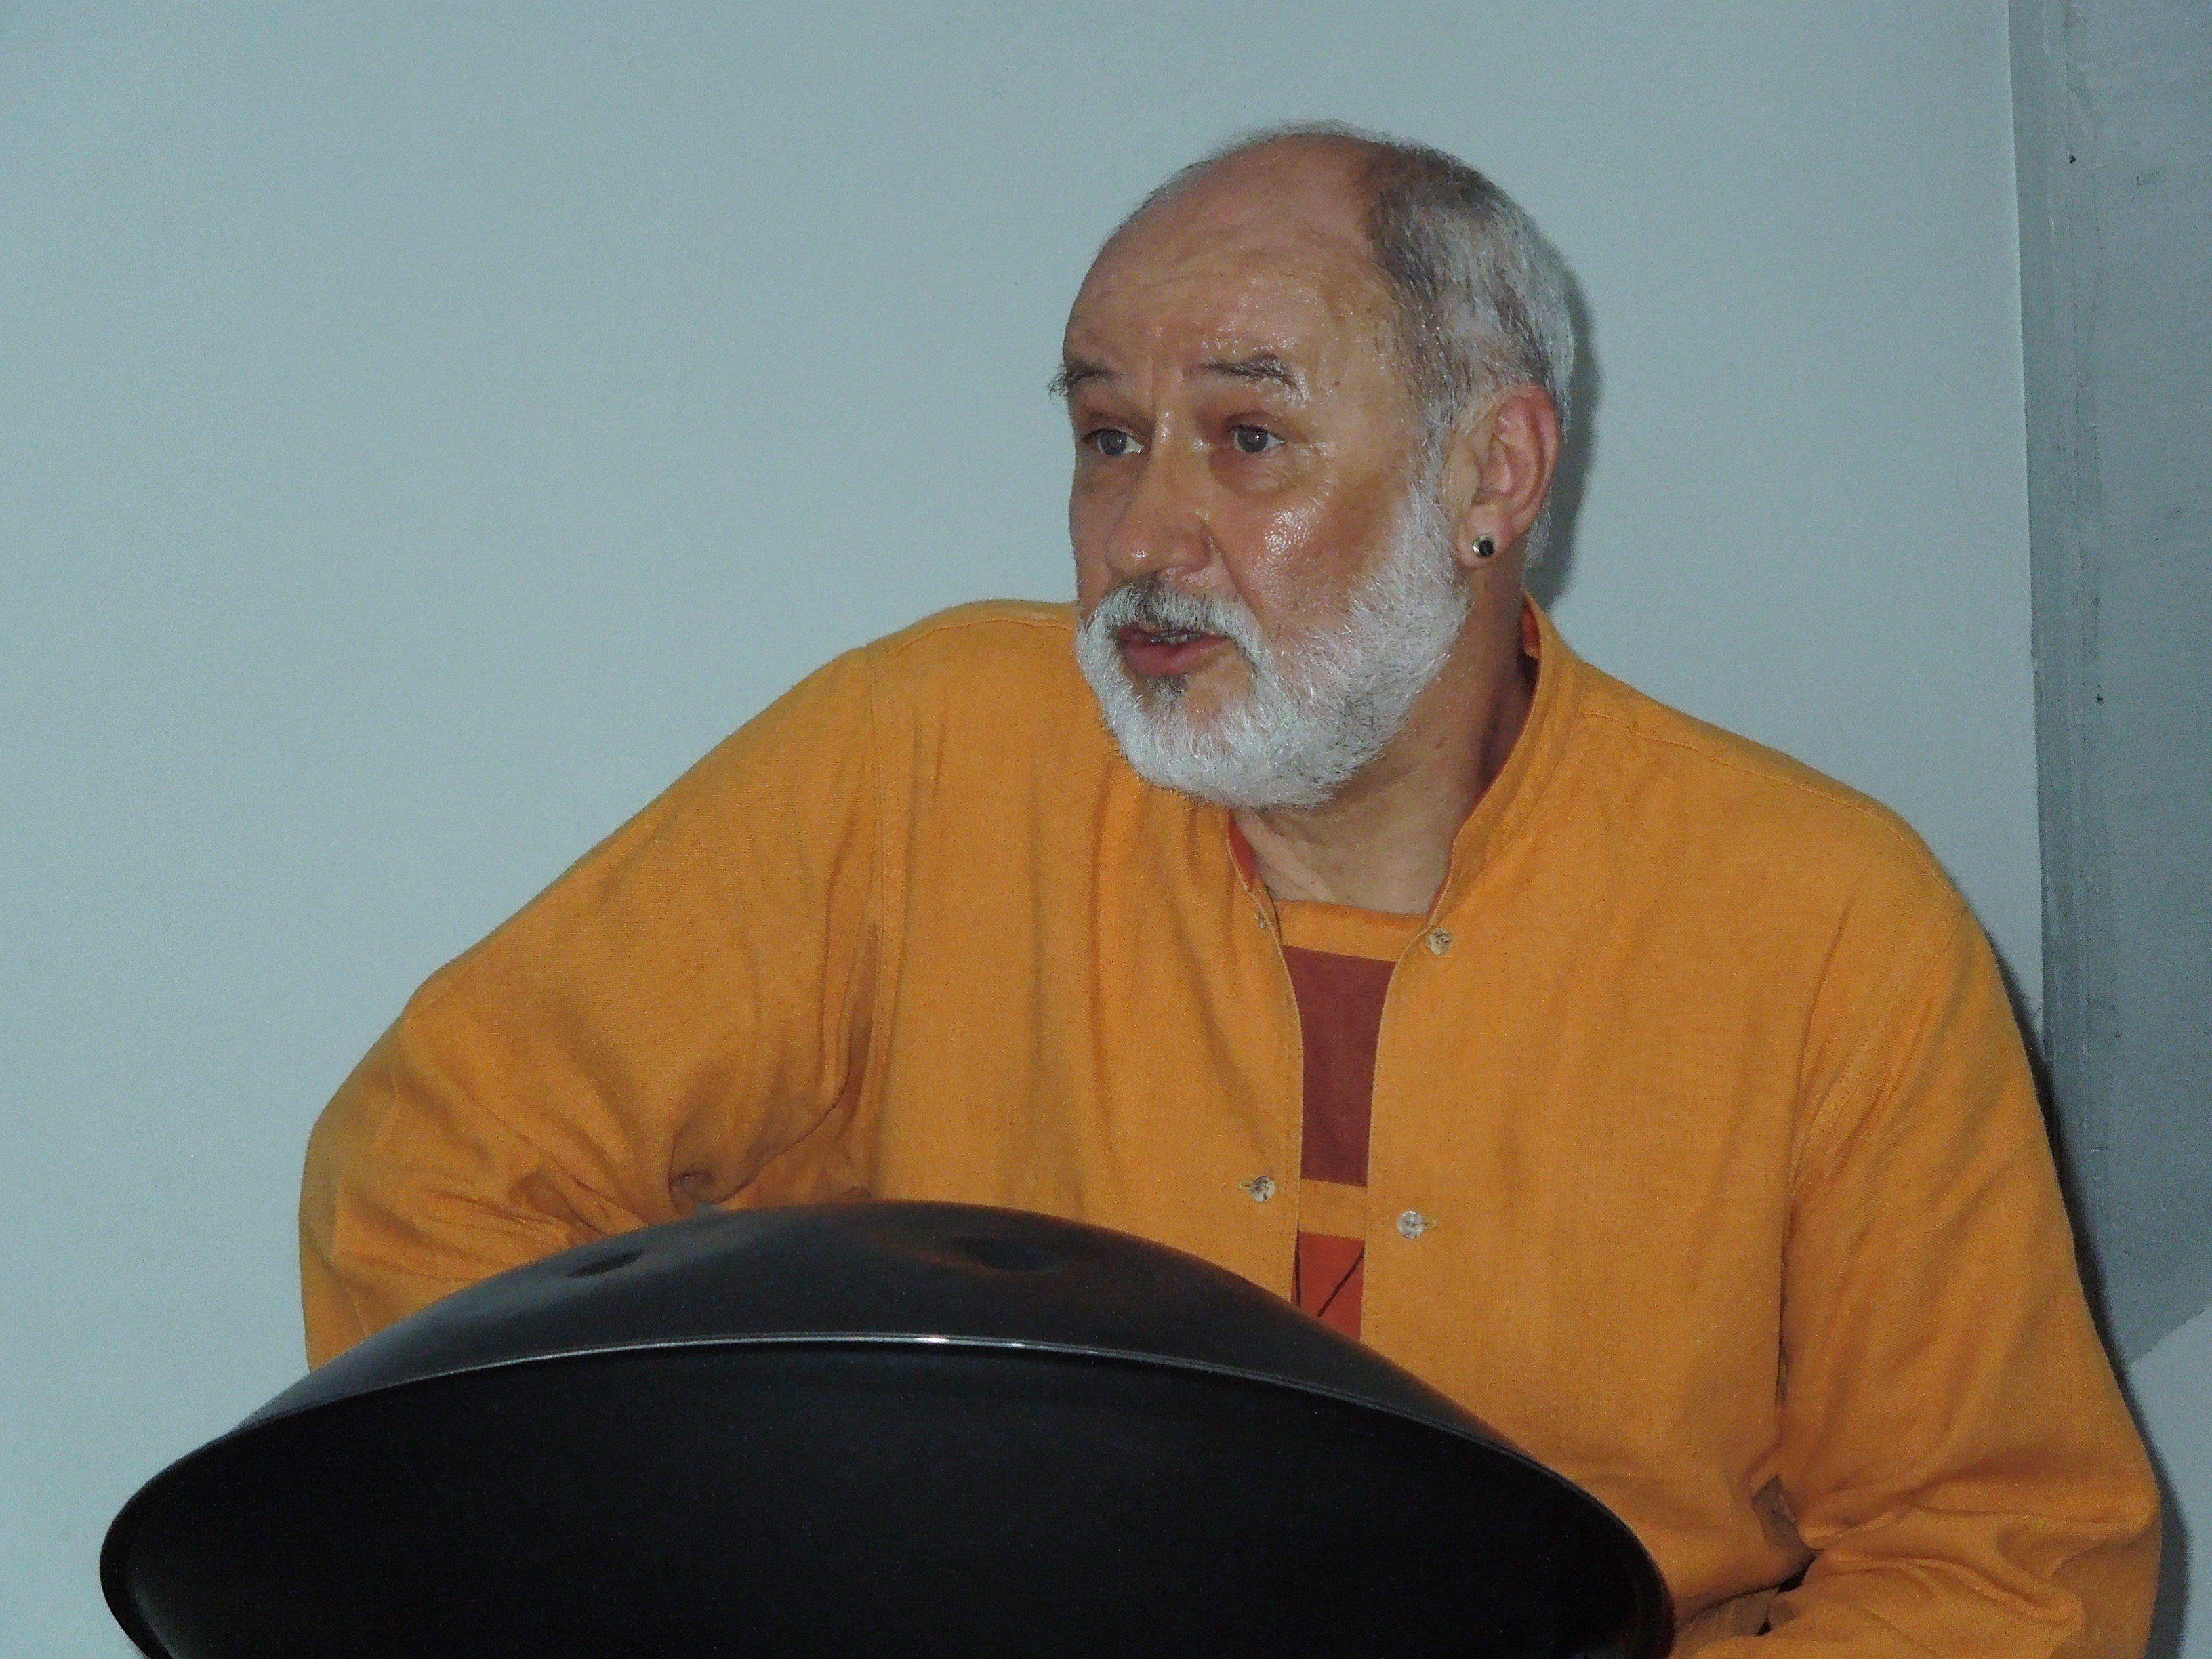 Reini Frenzel bereicherte musikalisch und erzählend den Umweltgeschichtenabend und in Zukunft auch die offene Schreibwerkstatt.